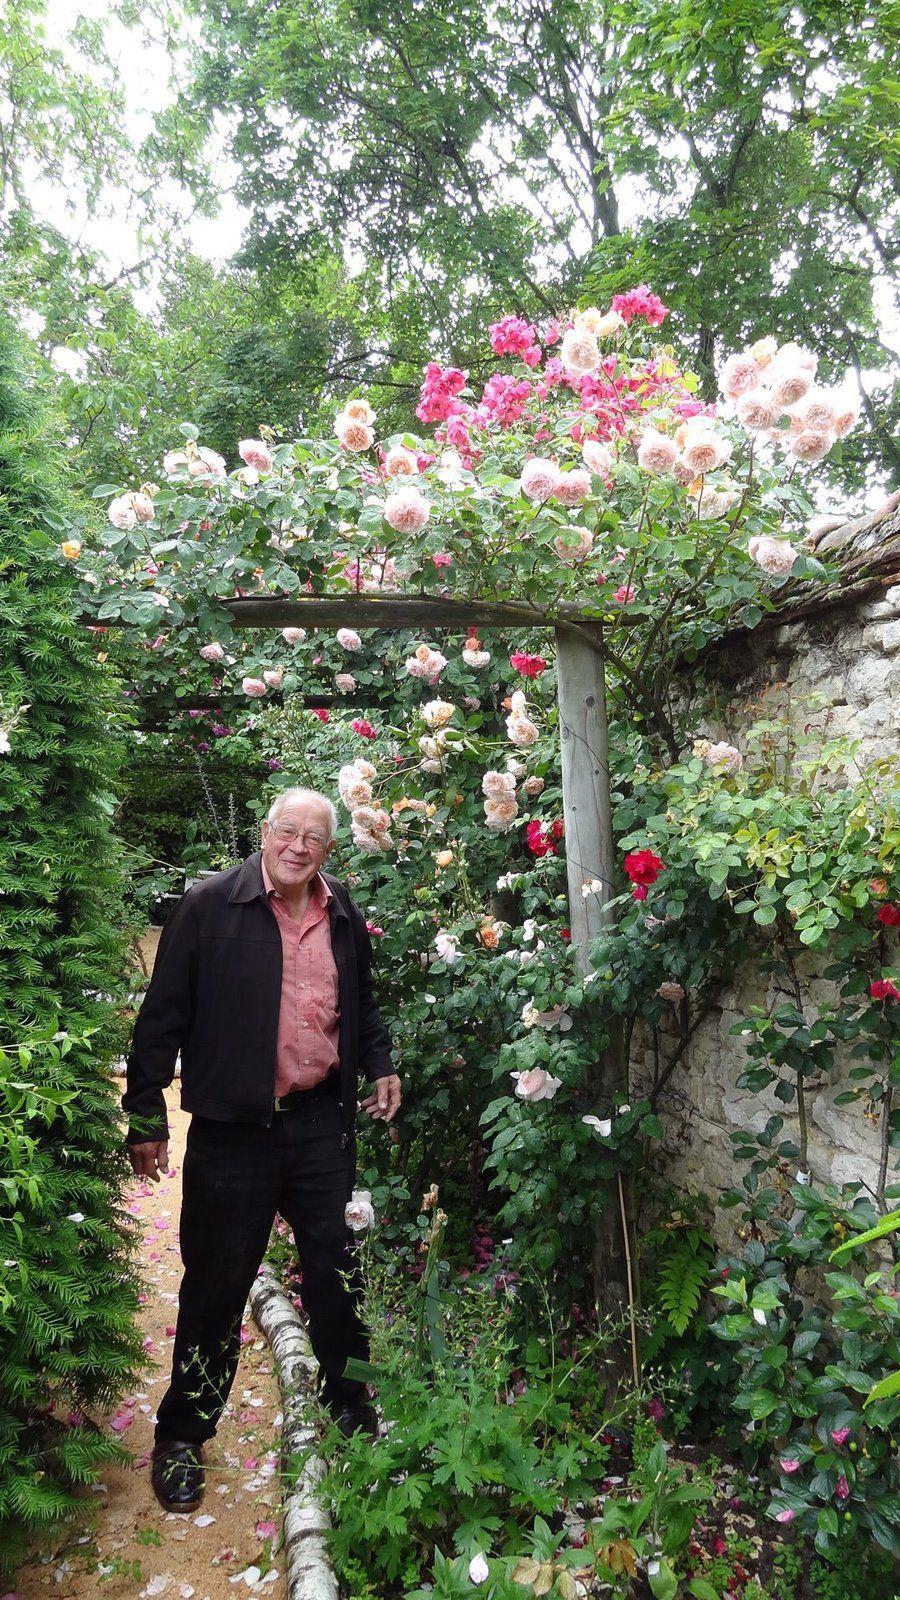 Si on avait dit cela à André; il ne l'aurait pas cru. Lui qui aimait tant son jardin et le faire visiter.